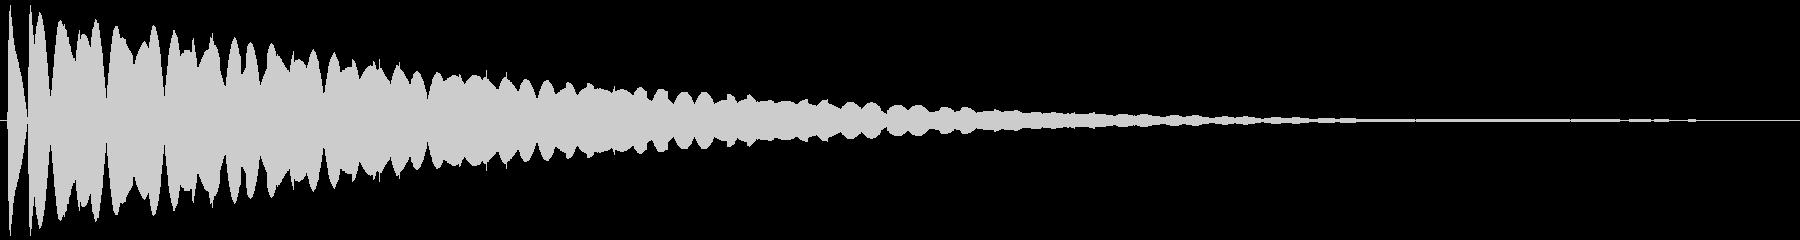 飛ぶ(ファンタジー) ピロロロ…の未再生の波形